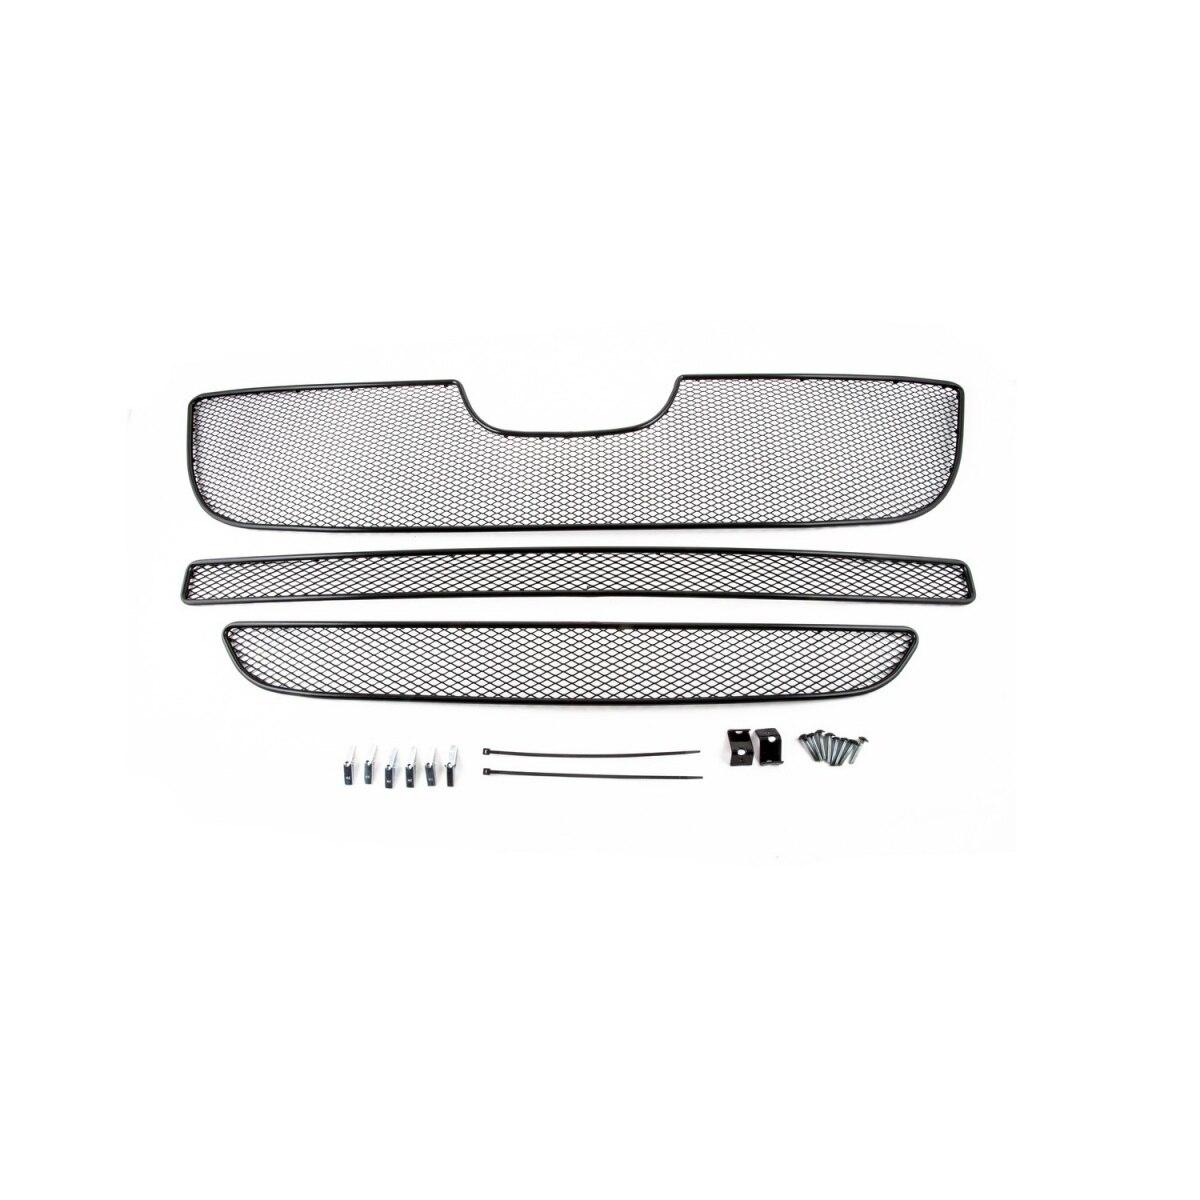 Maglia sulla esterne paraurti per Peugeot Boxer 2007-2014, 3 PCs, nero, 15 millimetri (pugile)